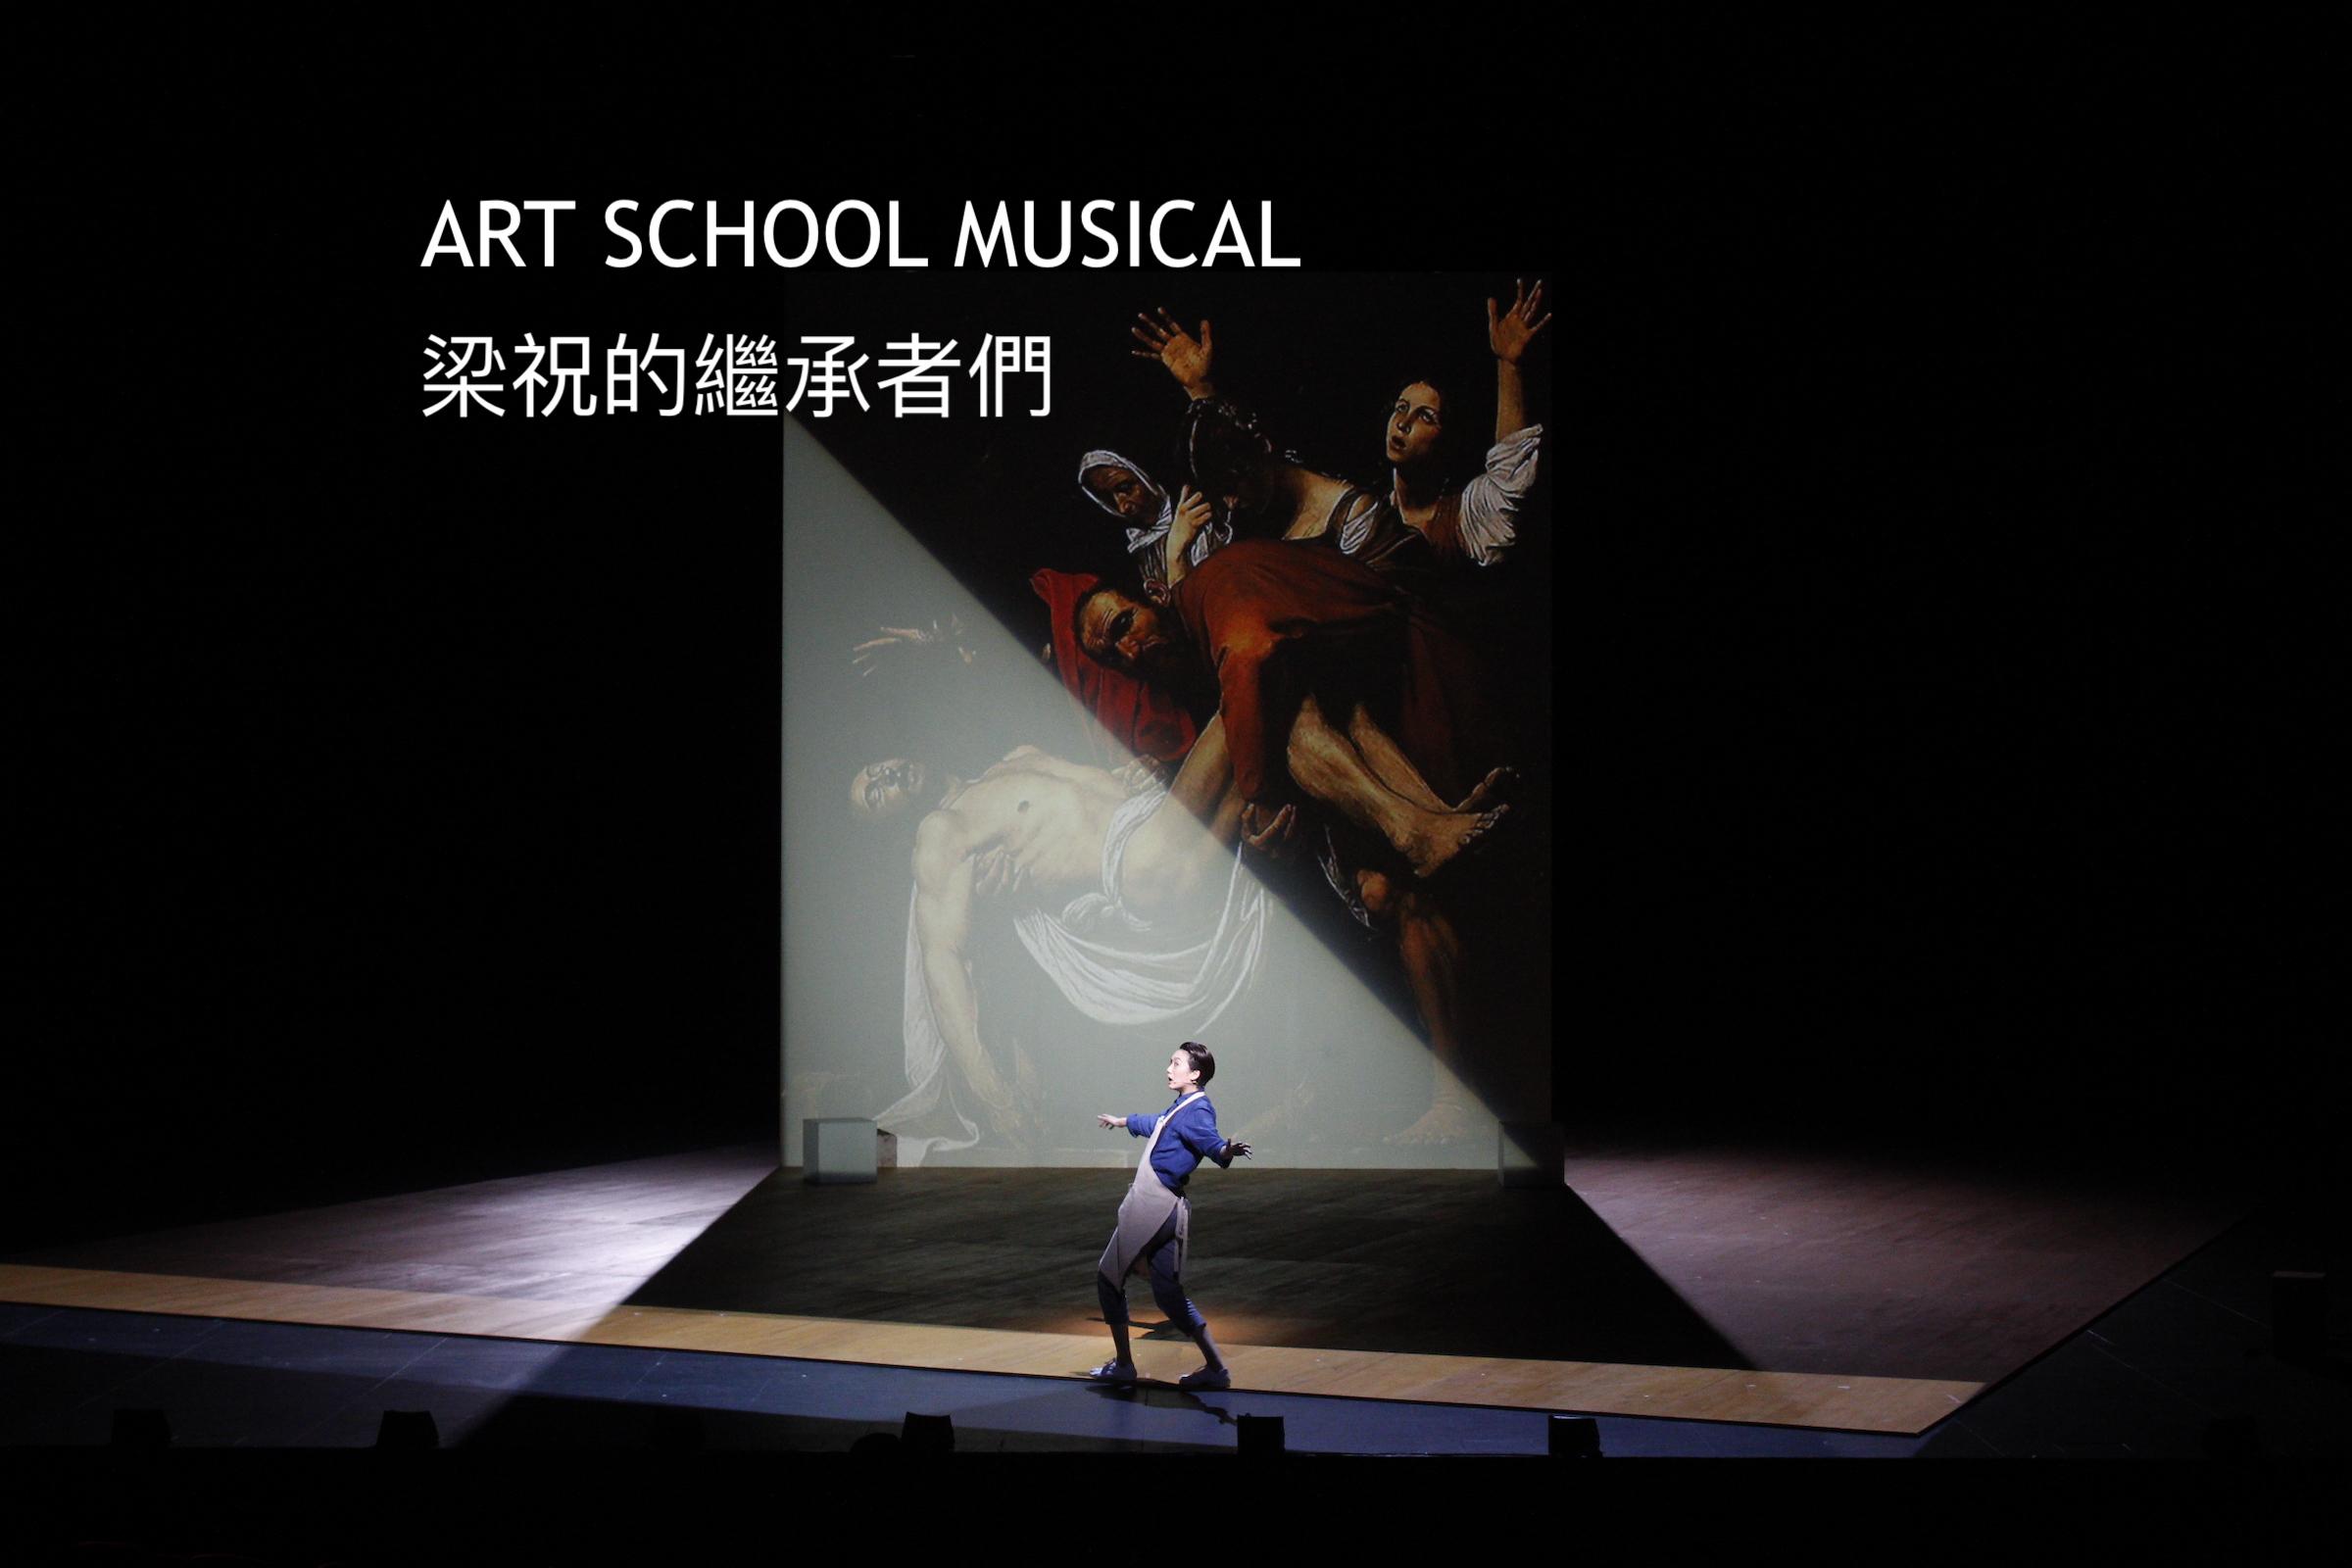 cwchan_artsschoolmusical_1 copy